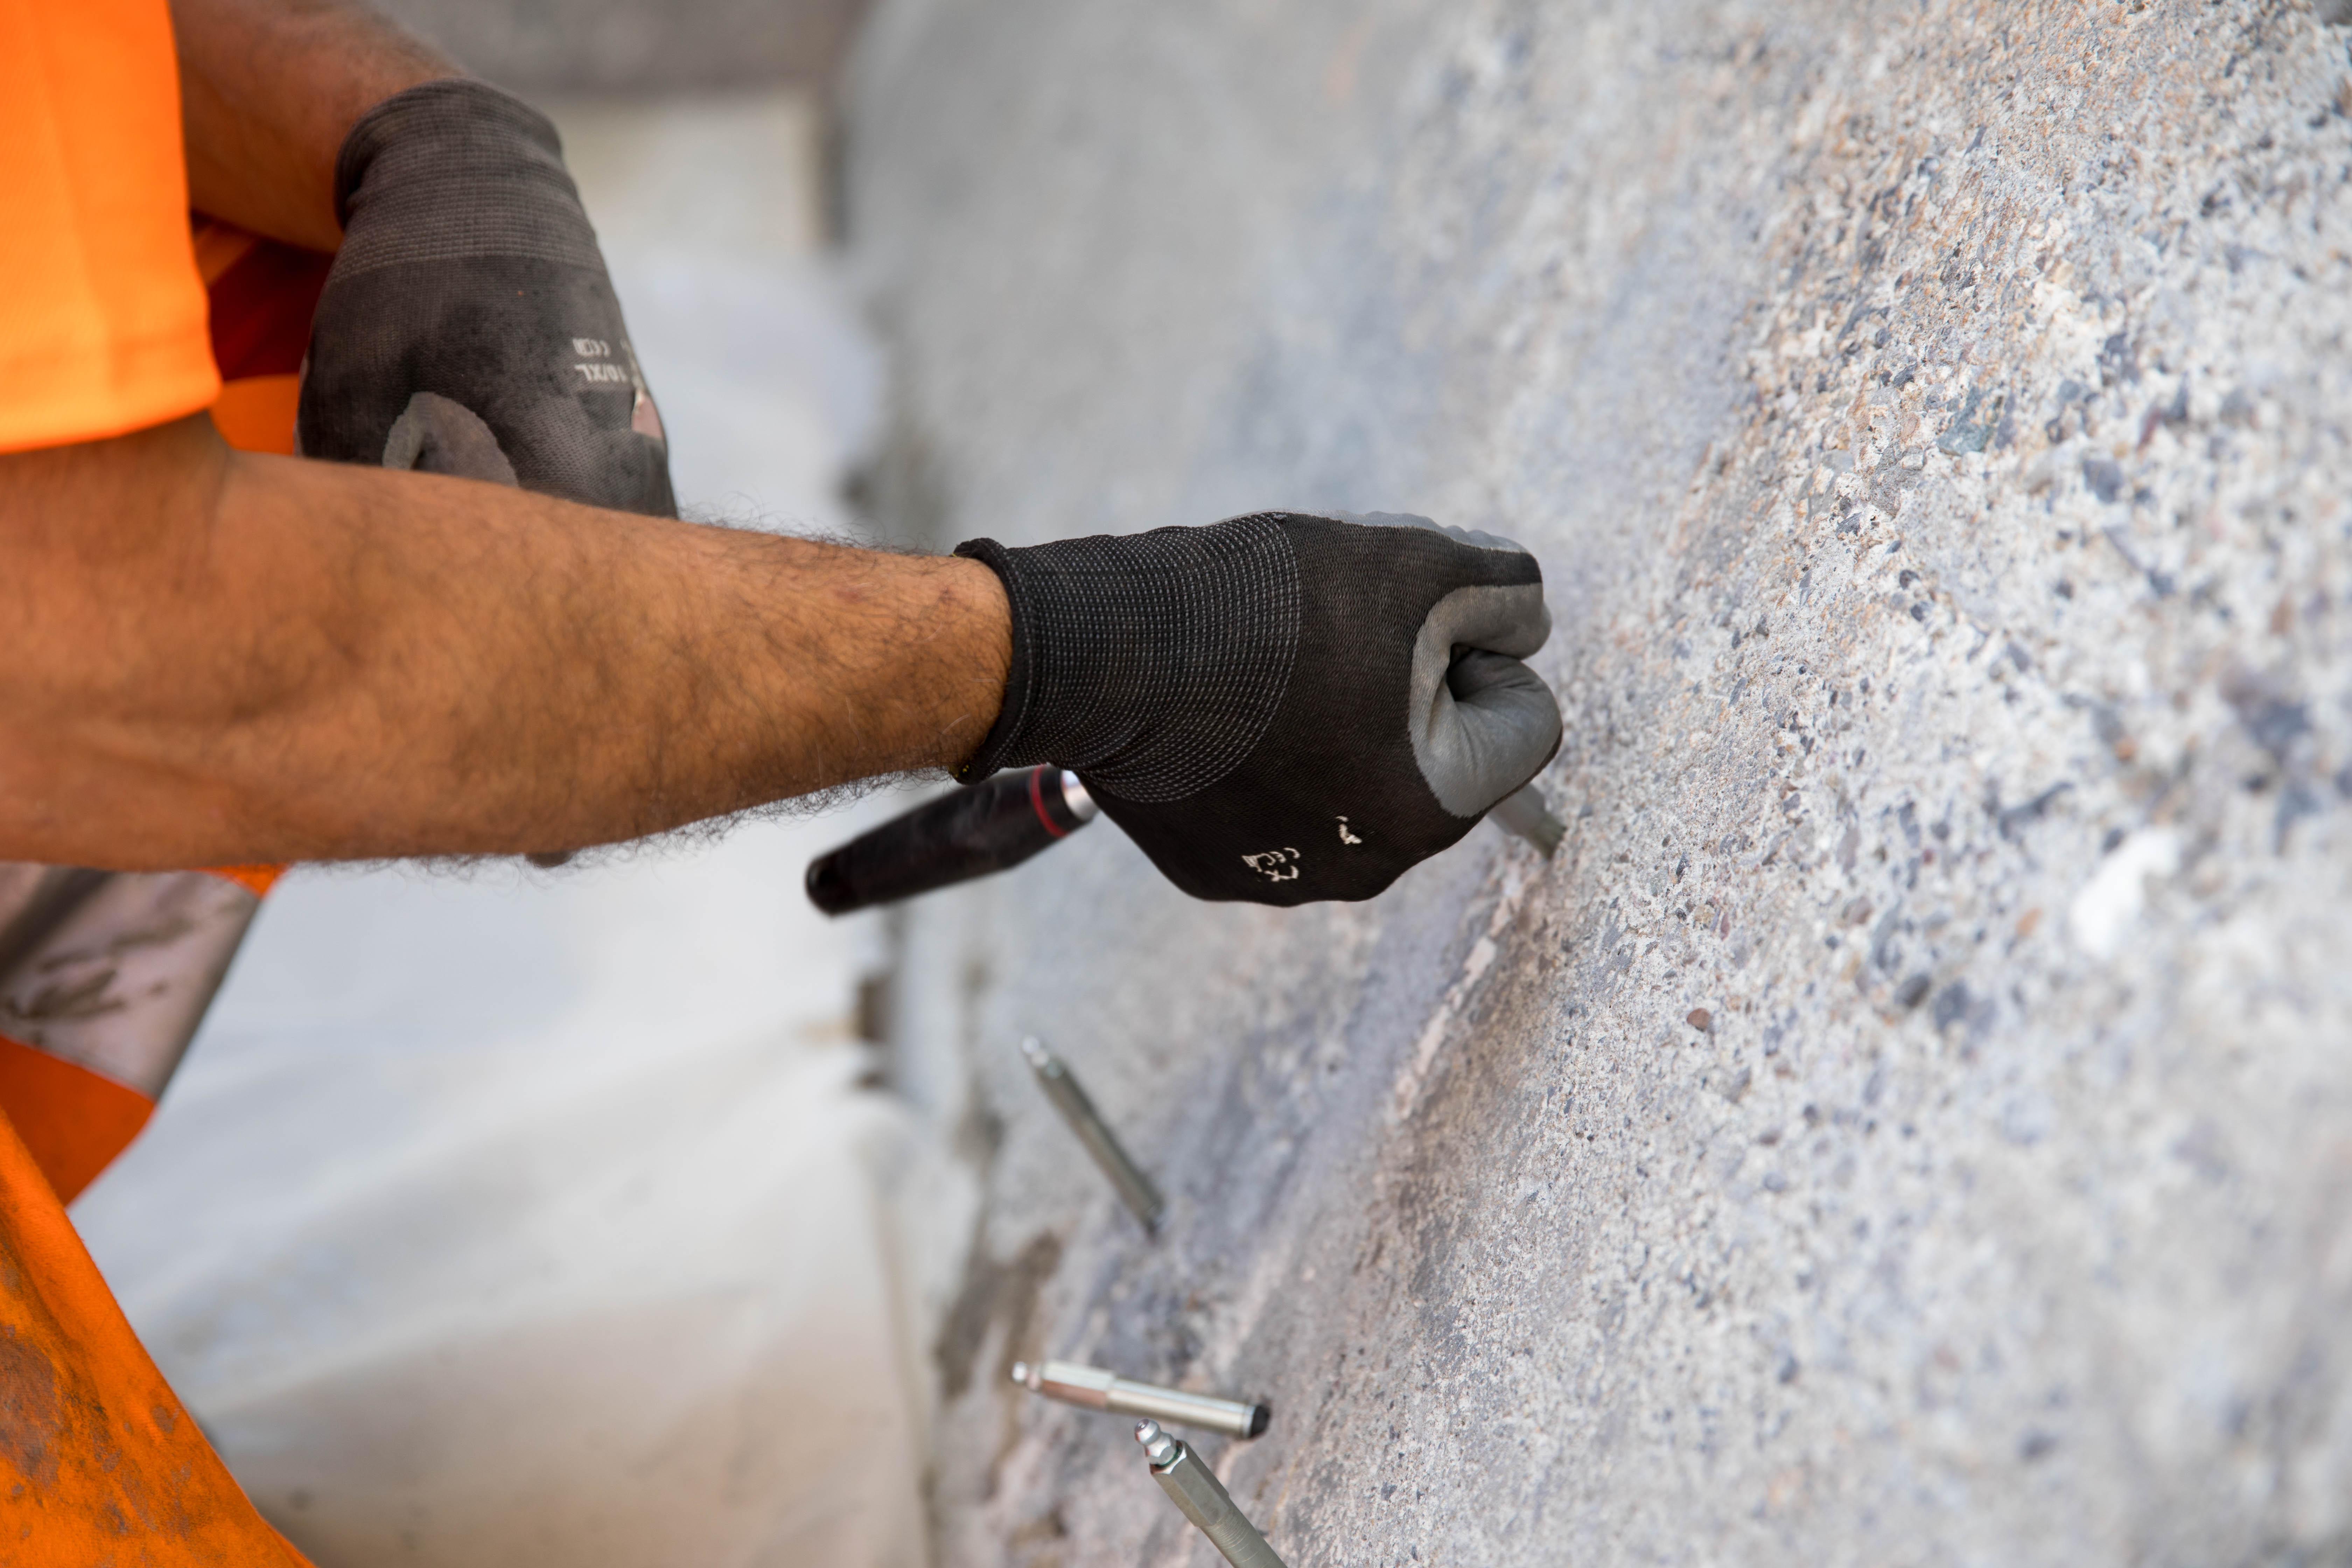 ERNE schützt Ihr Bauwerk zuverlässig vor Erschütterung, Feuer und anderen Umwelteinflüssen – mit Bauwerksverstärkungen und Oberflächenbehandlungen.